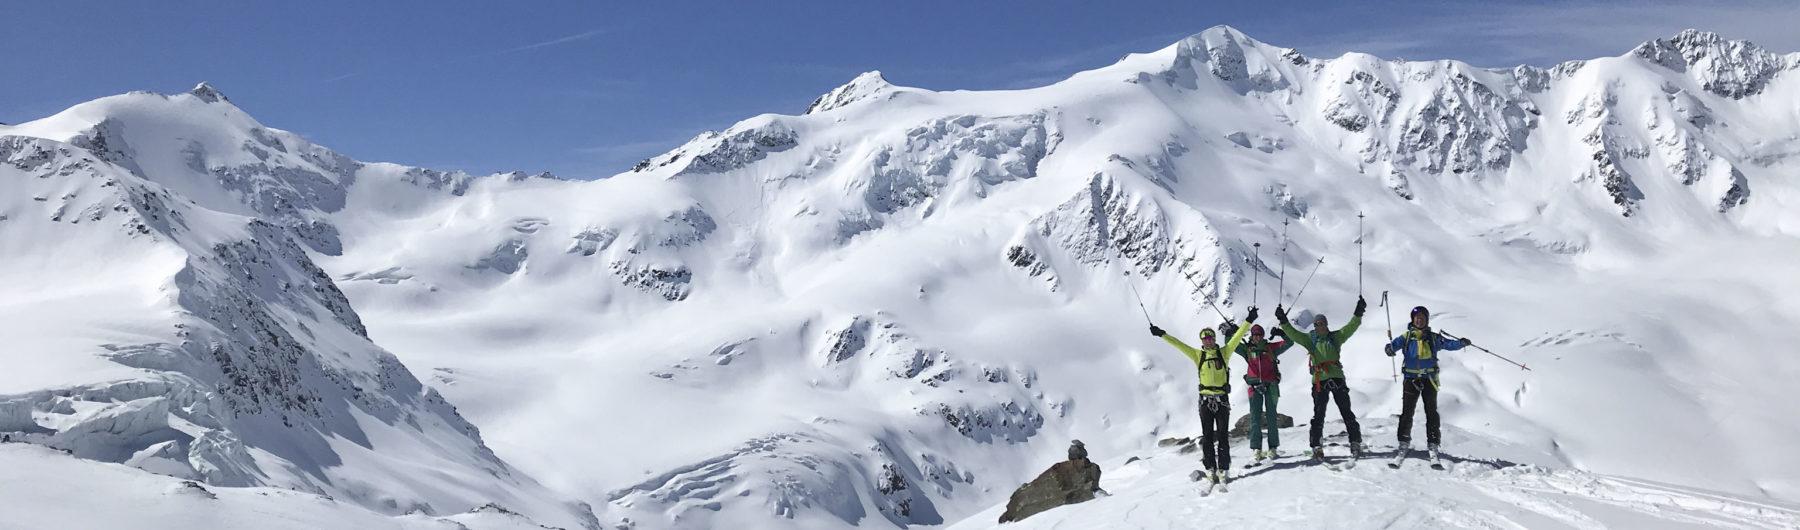 Skihochtouren in den Südlichen Ortlerbergen rund um das Rifugio Branca